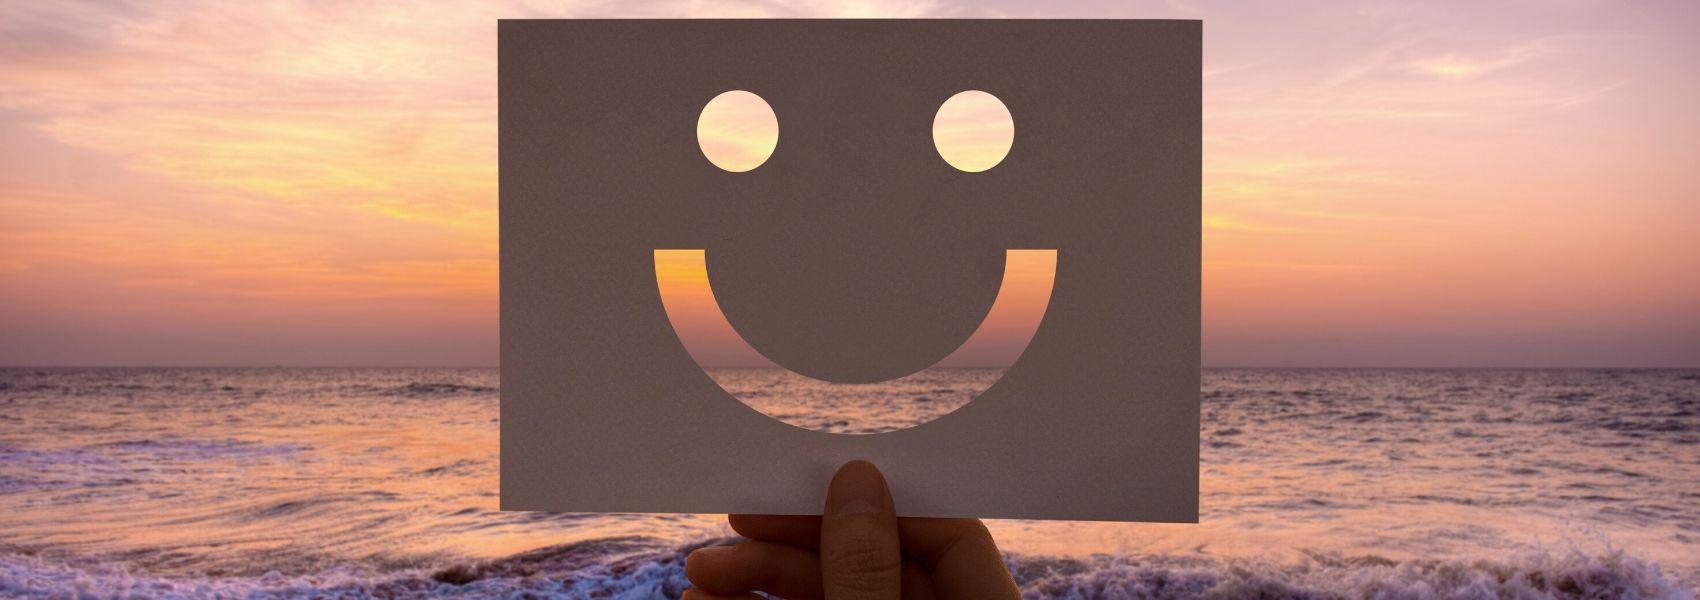 otimistas dormem melhor